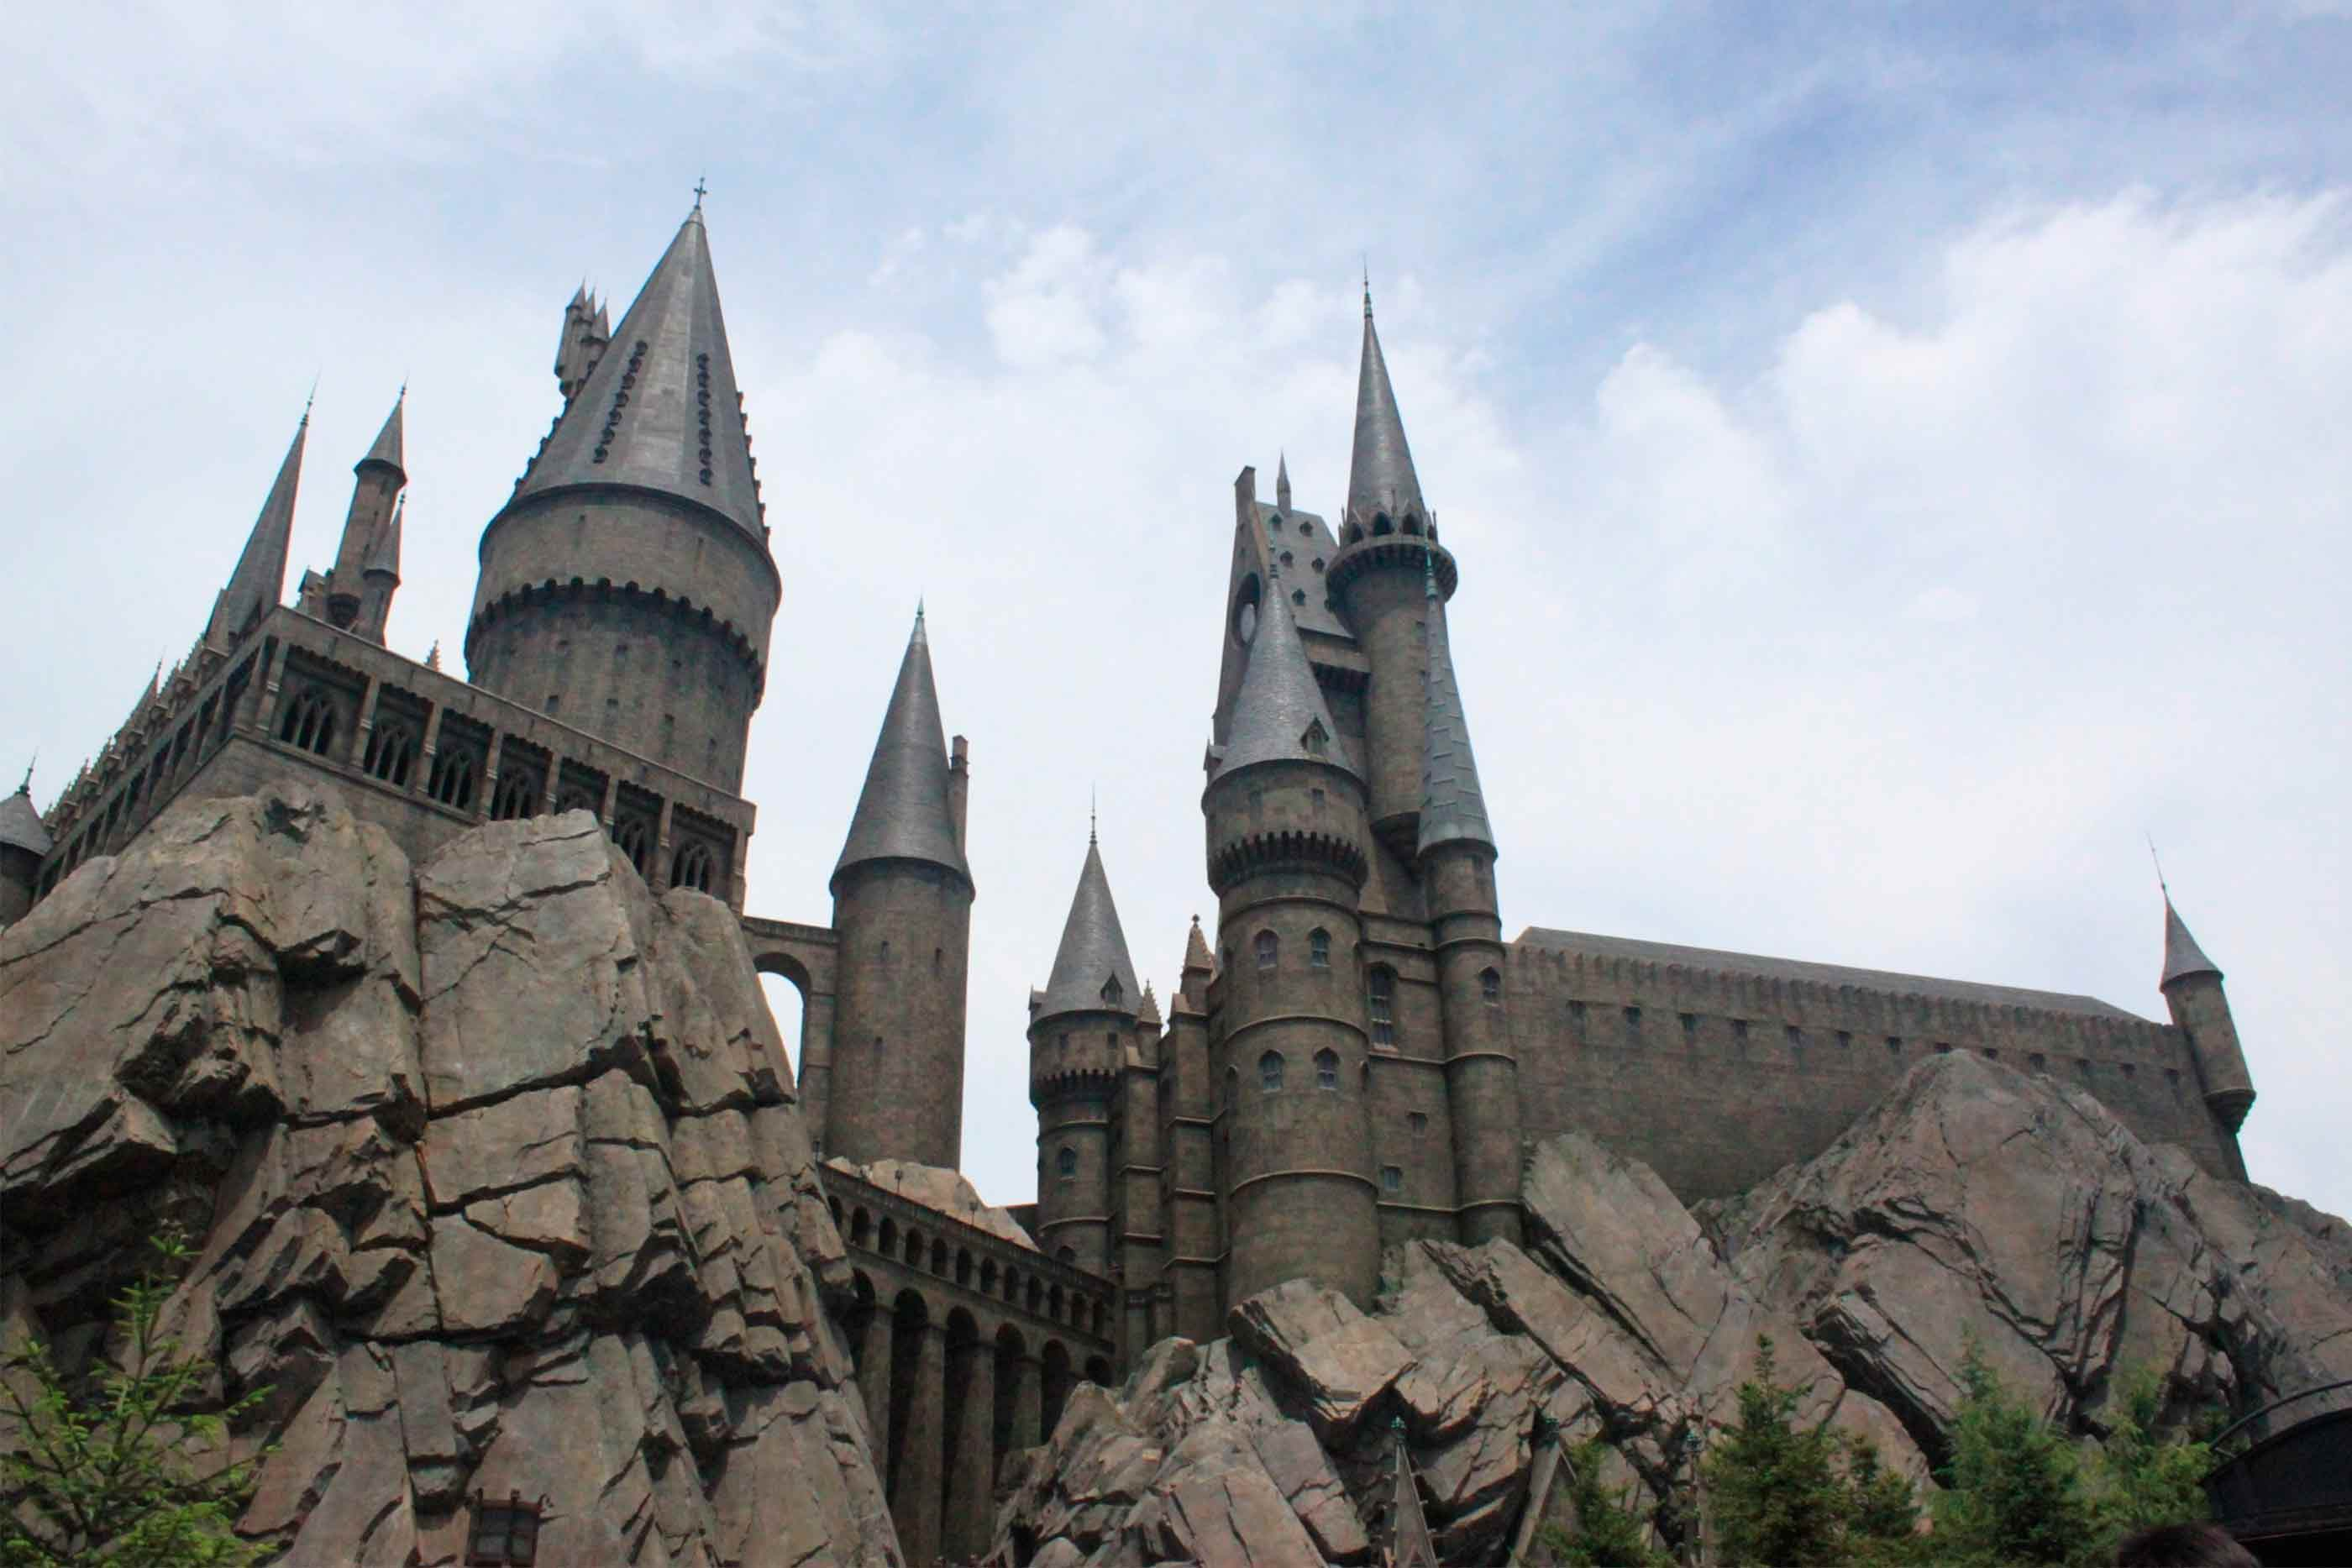 Castelo de Hogwarts da saga Harry Potter